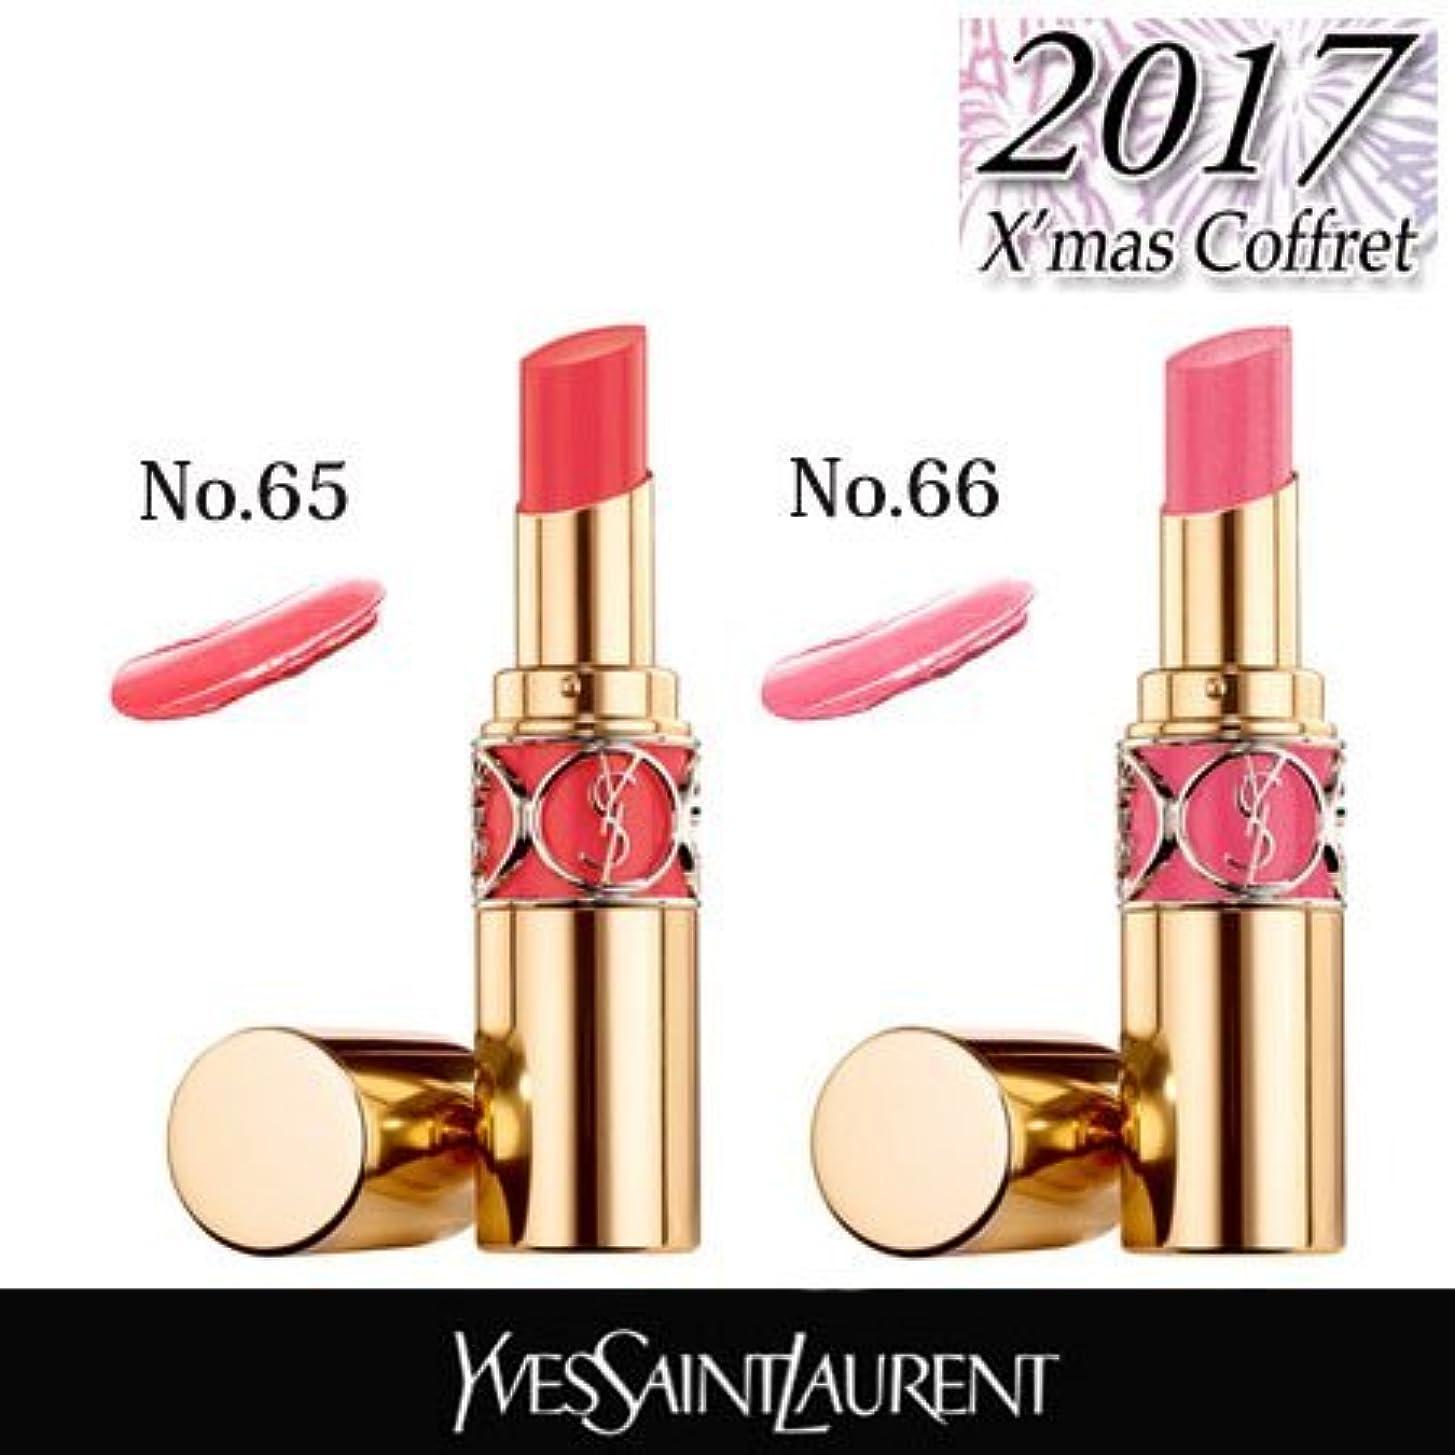 議論するテクトニックチューブイヴ?サンローラン ルージュ ヴォリュプテ シャイン 限定4色 2017 クリスマス コフレ -YSL- No.66